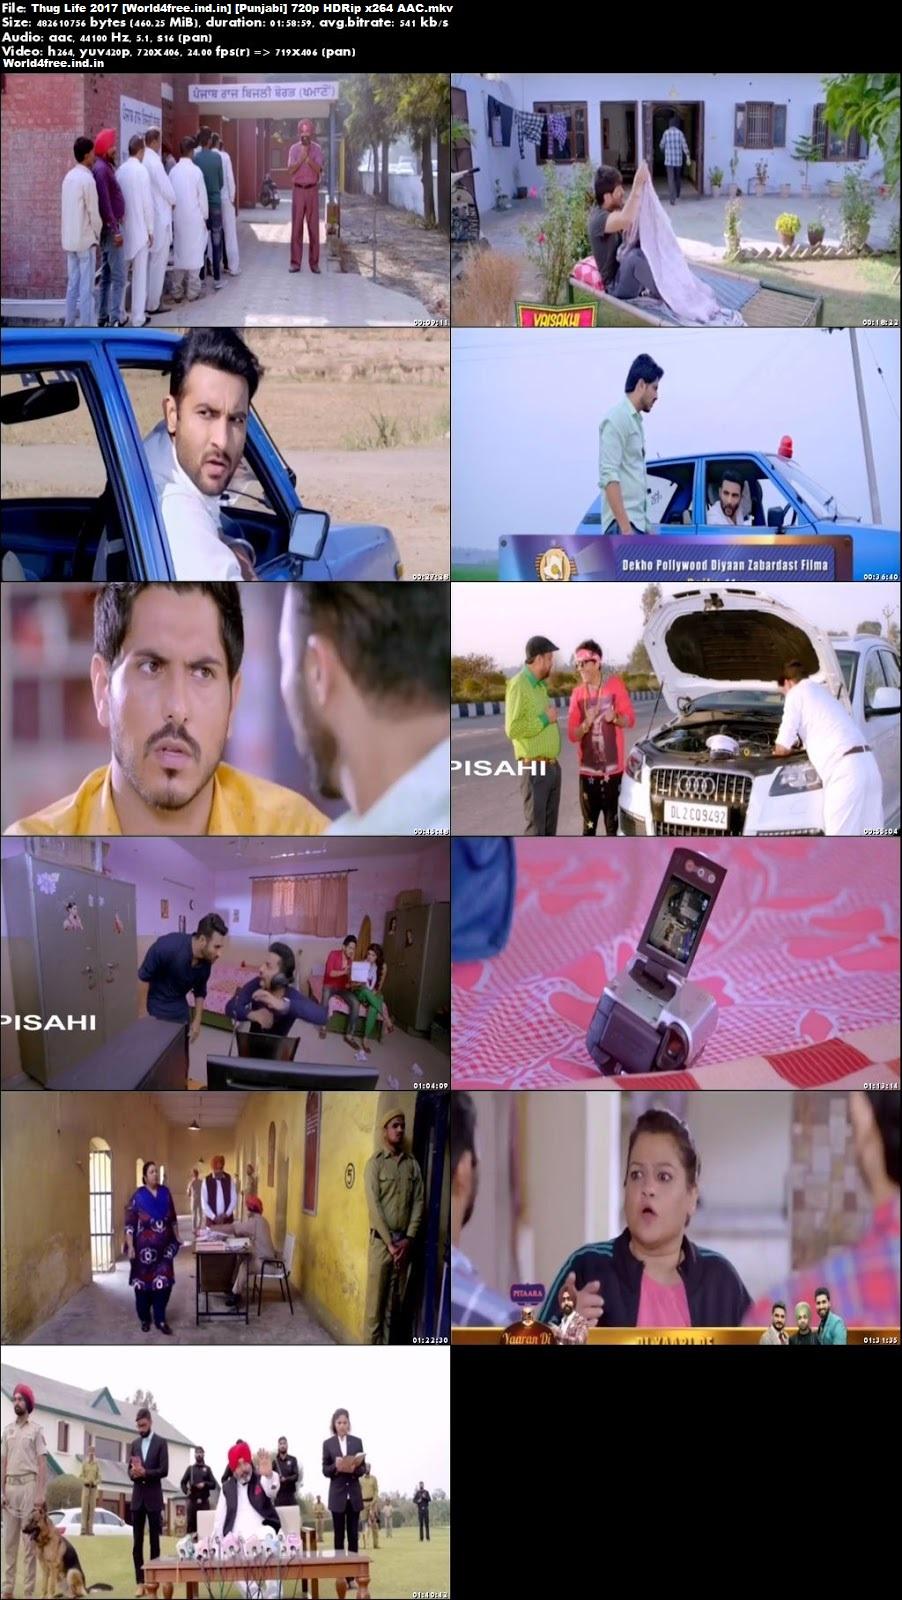 Thug Life 2017 world4free.ind.in HDRip 720p Full Punjabi Movie Download